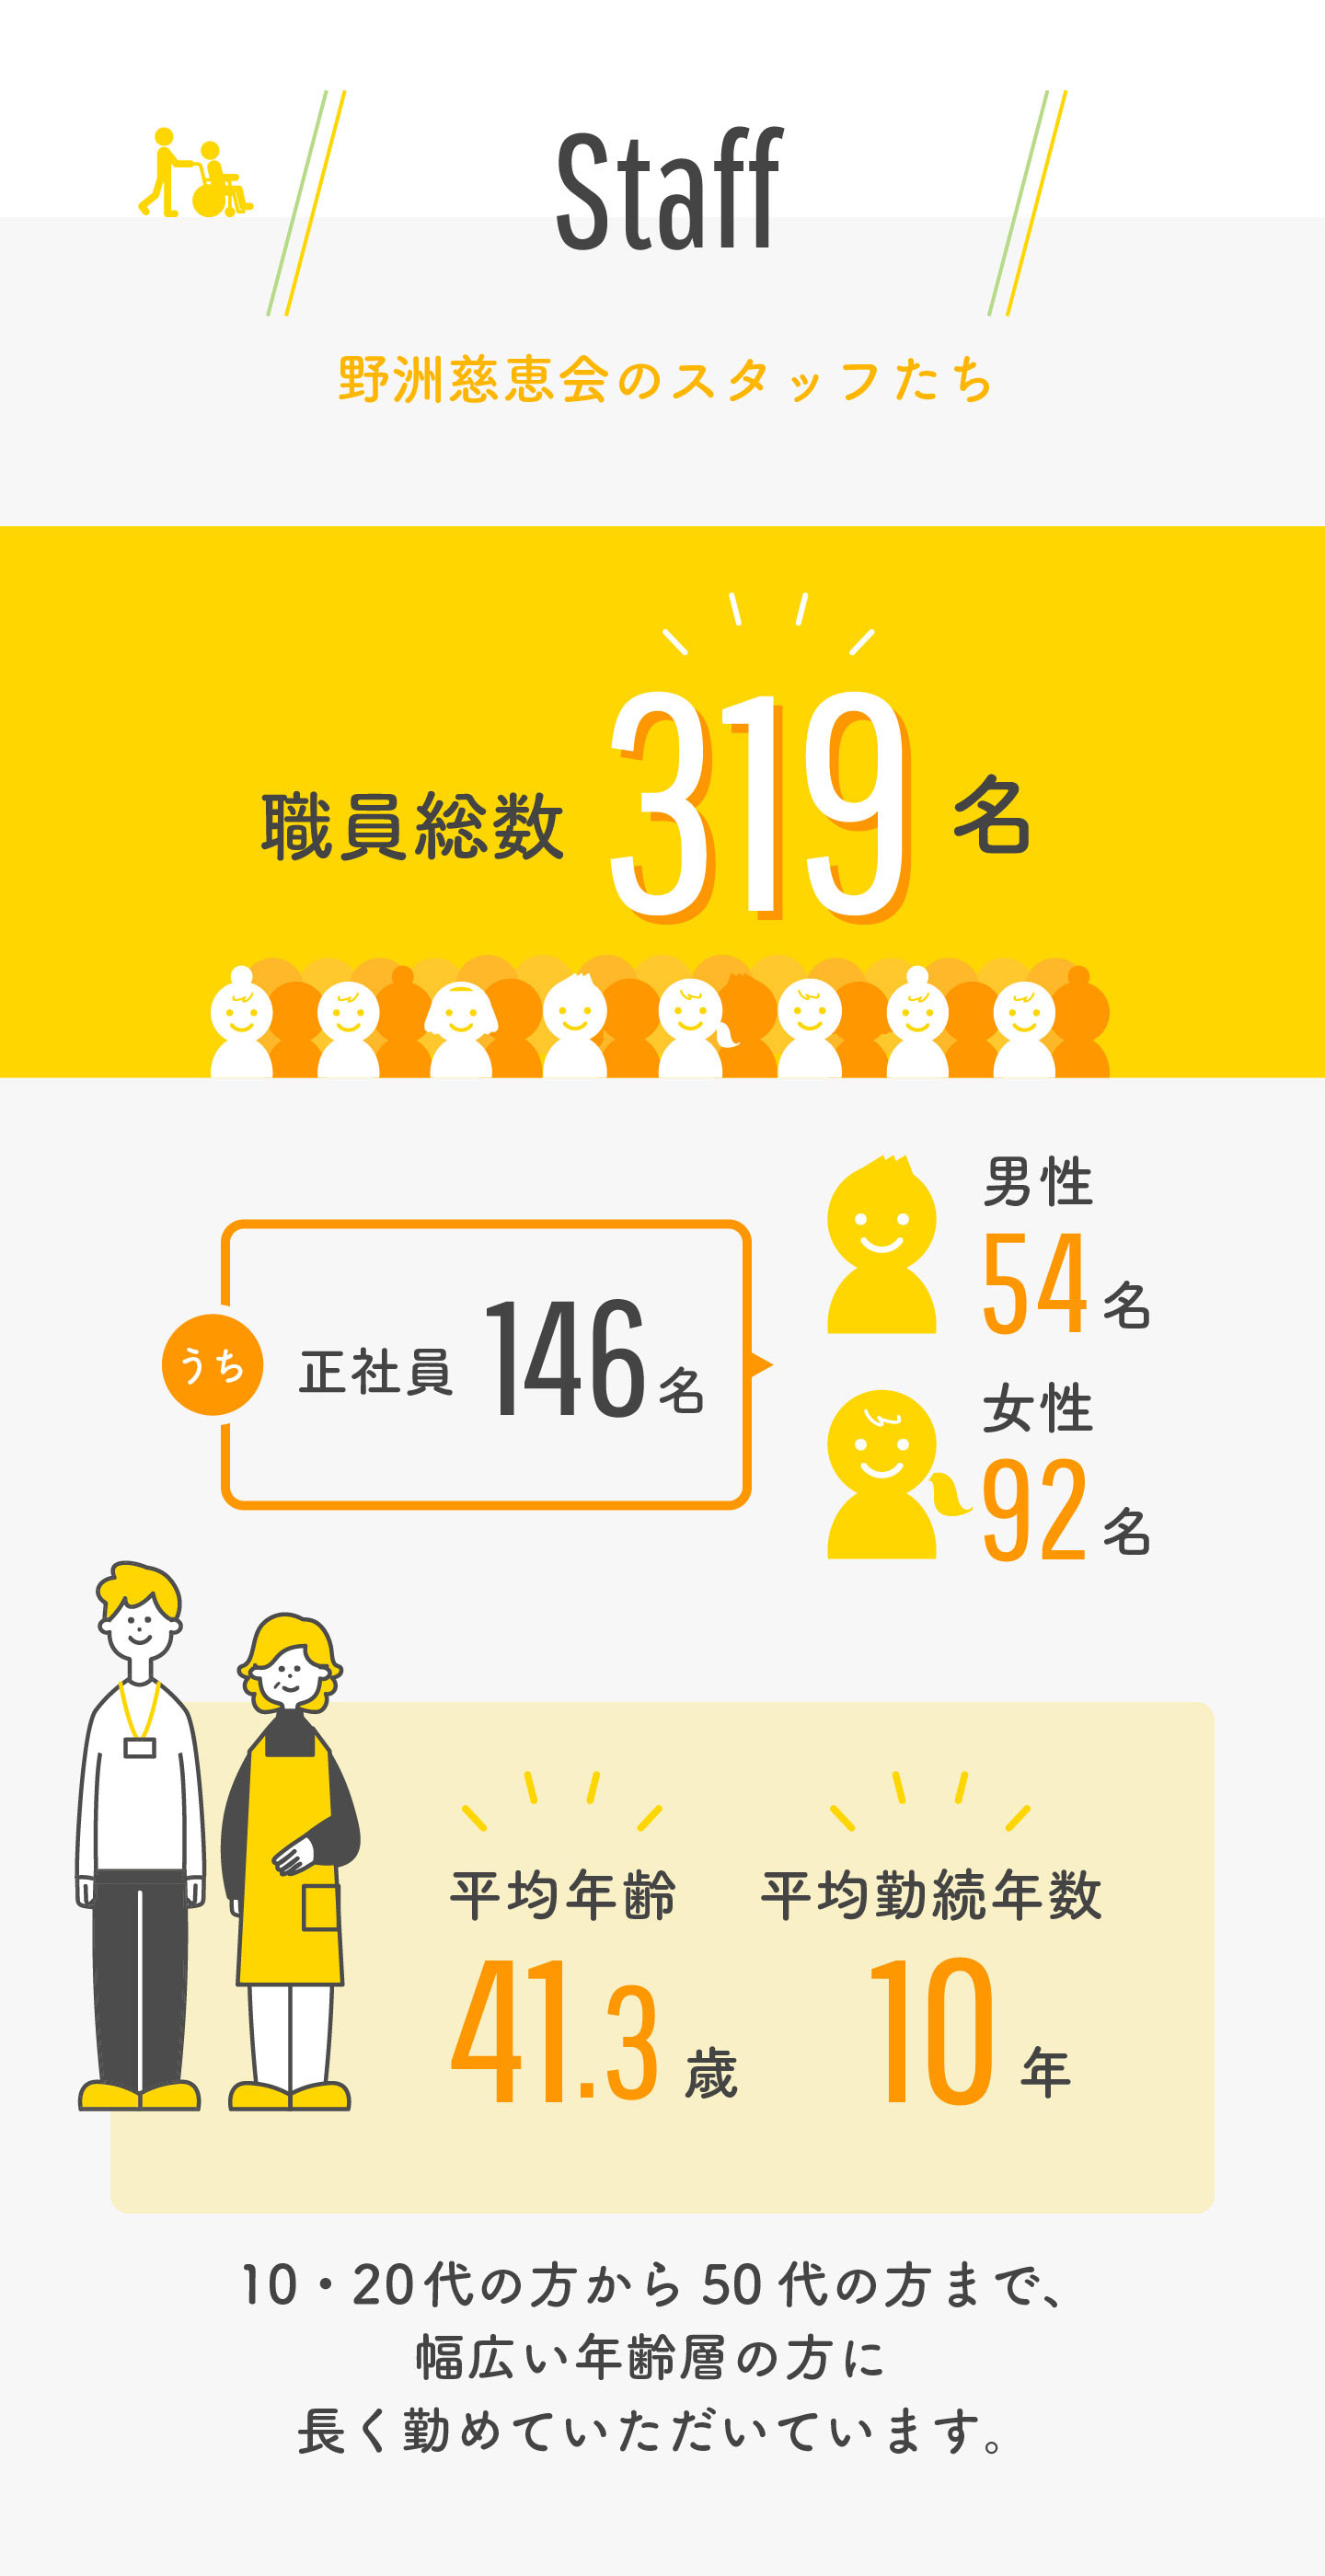 【スタッフ】職員総数319名 / 平均年齢41.3歳 / 平均勤続年数10年